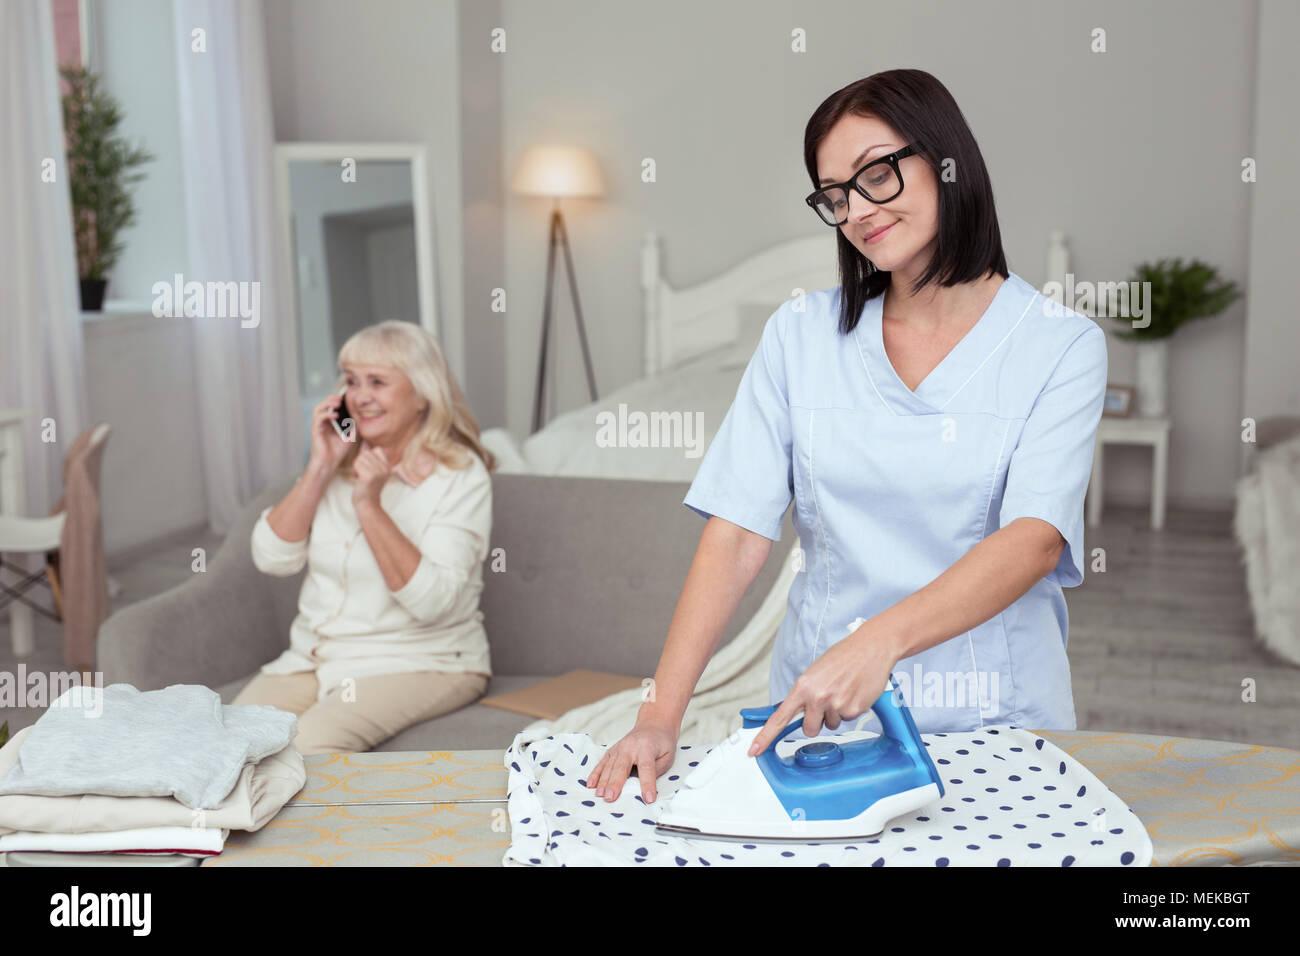 Attractive female caregiver finishing ironing - Stock Image